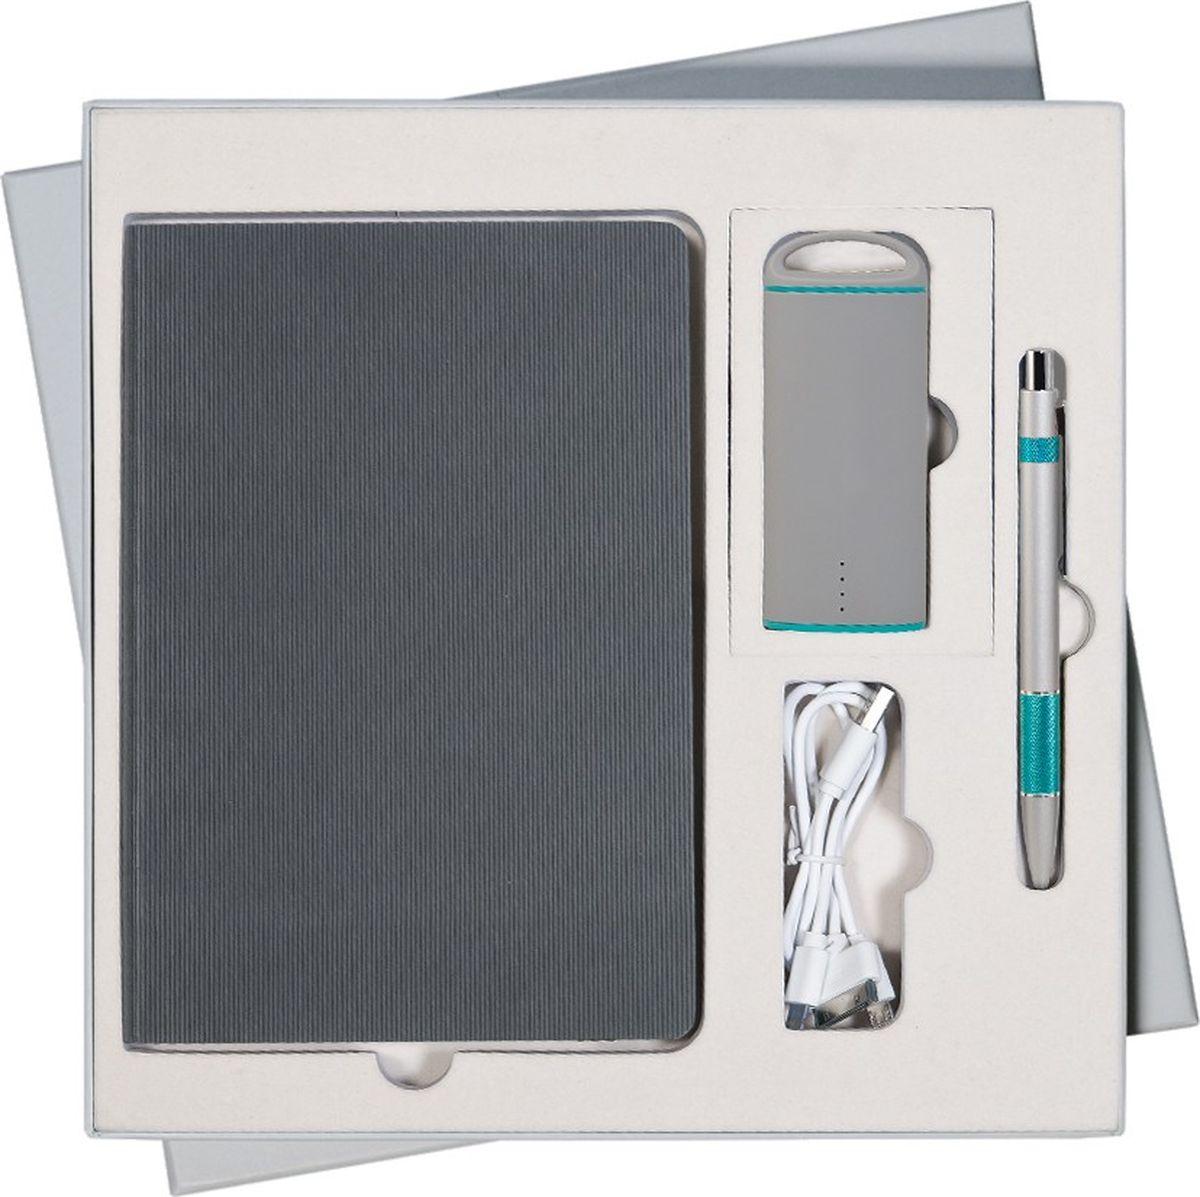 Portobello Trend Подарочный набор Rain GS-312-34GS-312-34-GREY-RAINВ набор входят: - недатированный ежедневник формата A5 со стикерами (содержит 256 страниц); - шариковая ручка Colibri с нажимным механизмом (корпус - алюминий, отделка - цветная гравировка); - внешний аккумулятор Travel Max PB 4000 mAh (пластиковый корпус с покрытием soft touch).